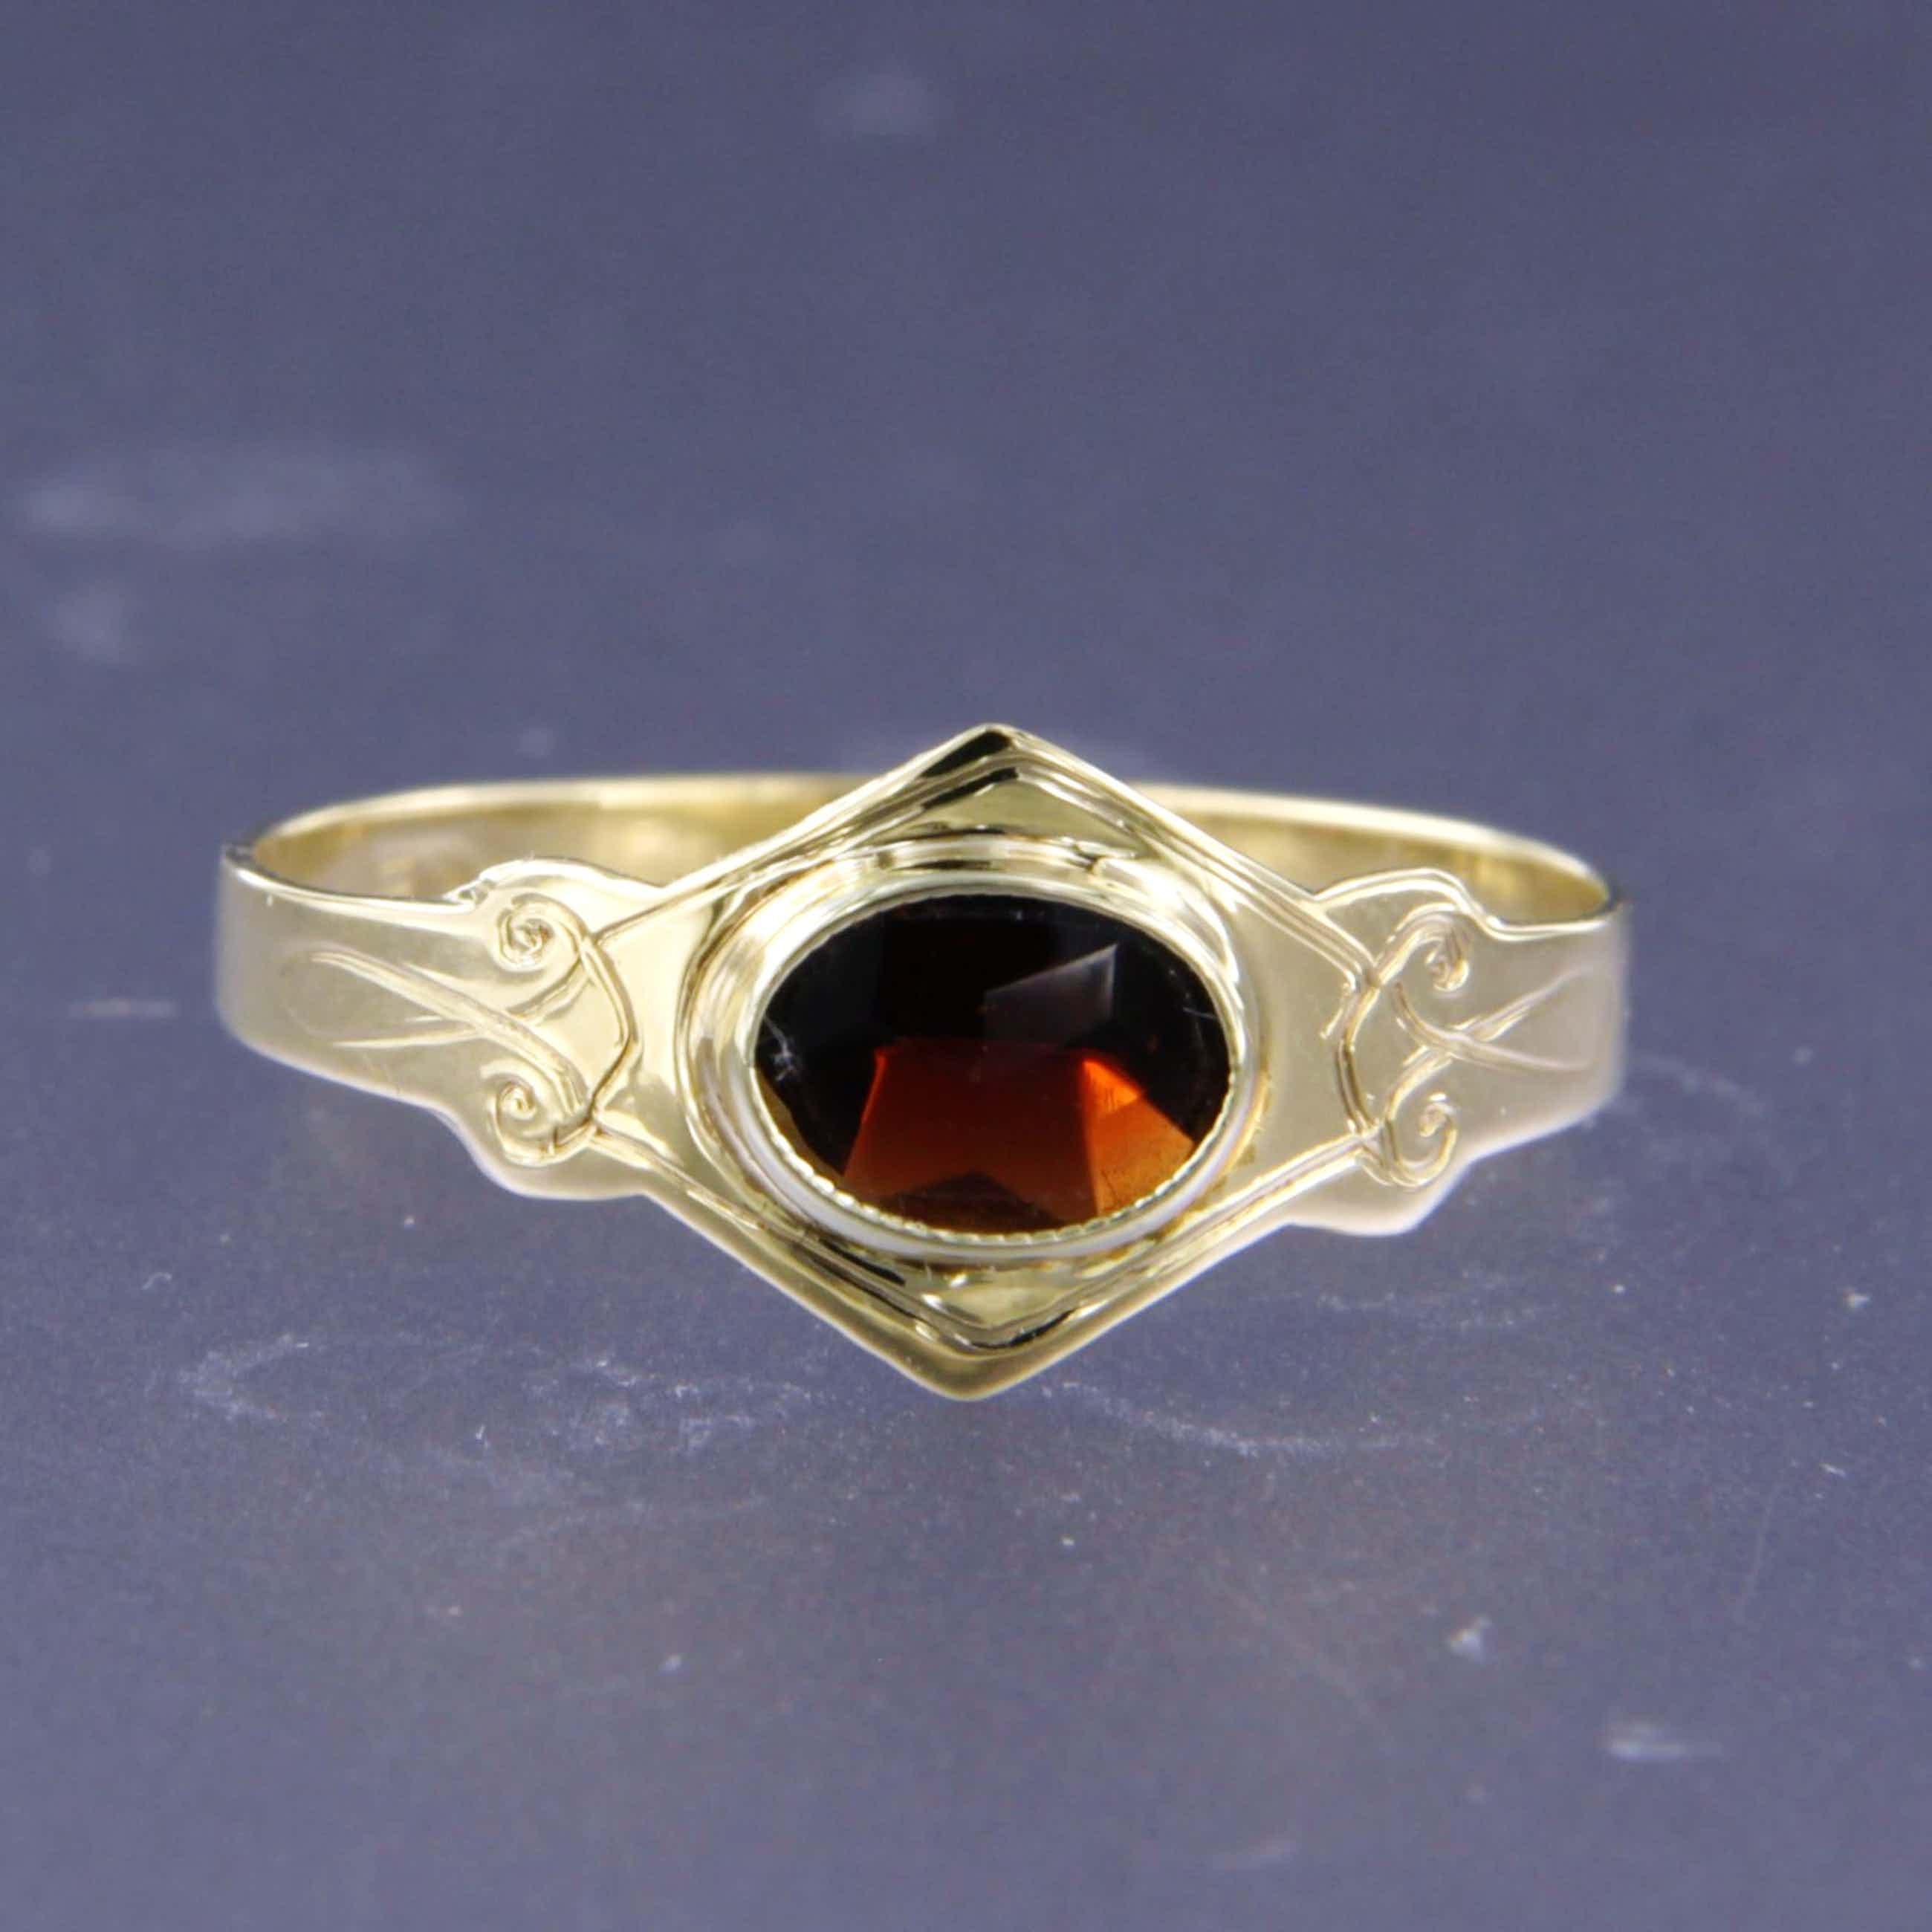 14K Goud - geelgouden ring bezet met granaat - ringmaat 16 (50) kopen? Bied vanaf 40!